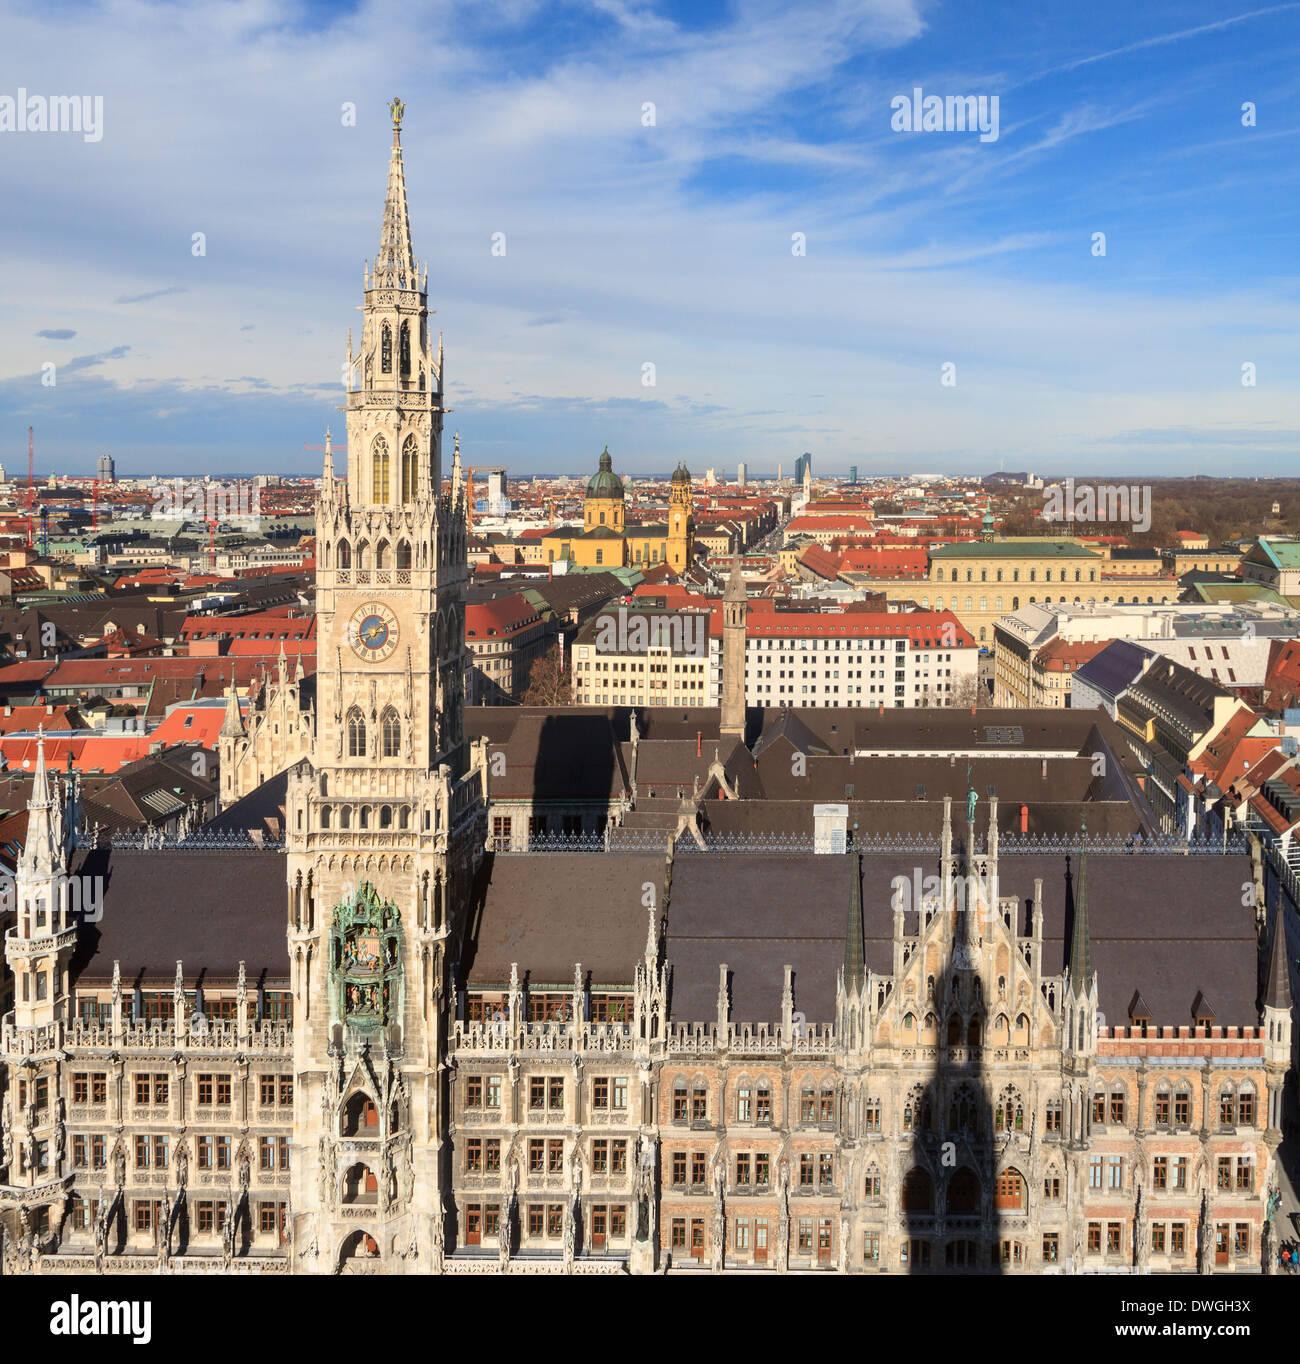 Munich, l'Hôtel de ville gothique sur la Marienplatz, Bavière, Allemagne Photo Stock